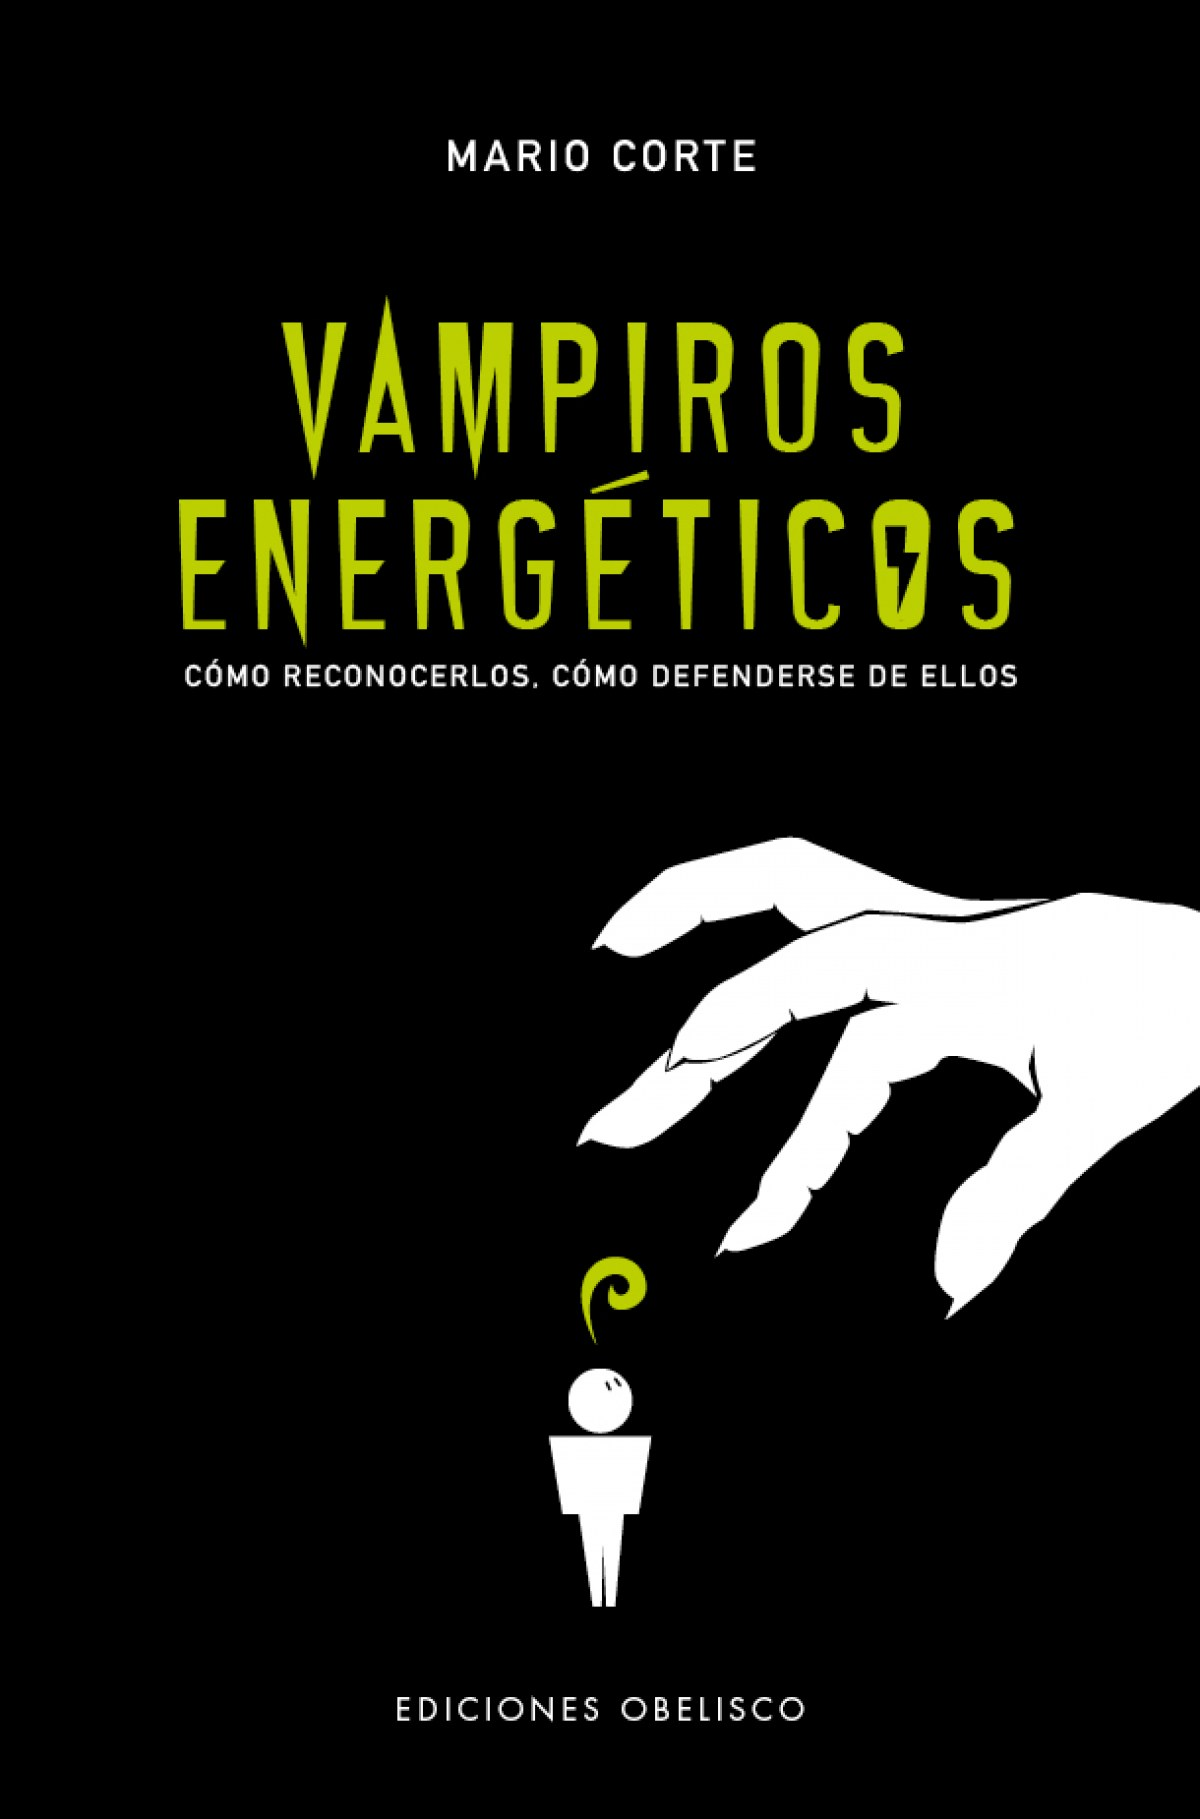 VAMPIROS ENERGÈTICOS